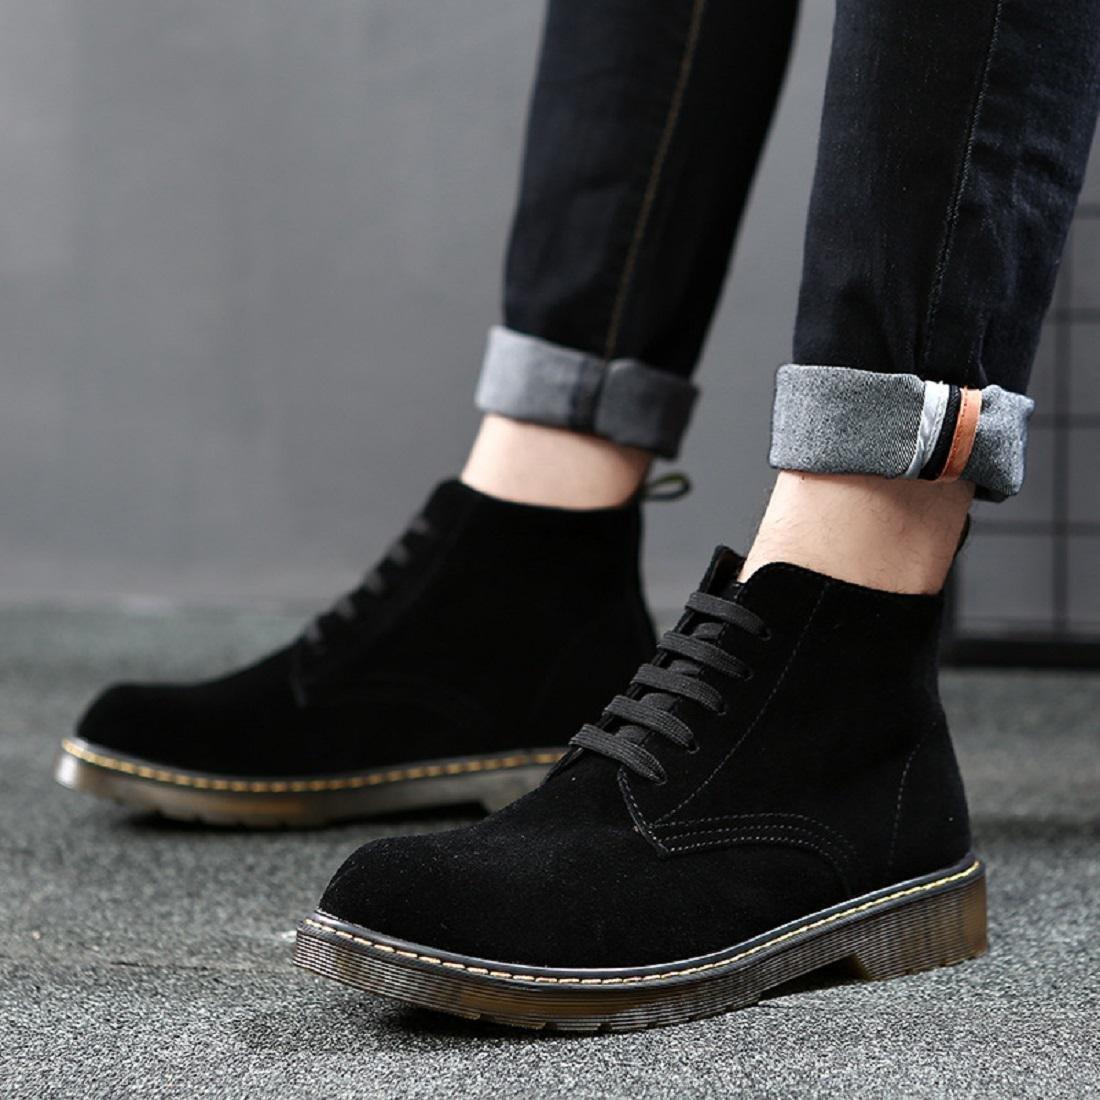 Herren Herbst Mode Martin Stiefel Stiefel Stiefel High-Top-Schuhe Lässige Schuhe Freizeit Flache Schuhe Füße schützen EUR GRÖSSE 38-46 d22c96